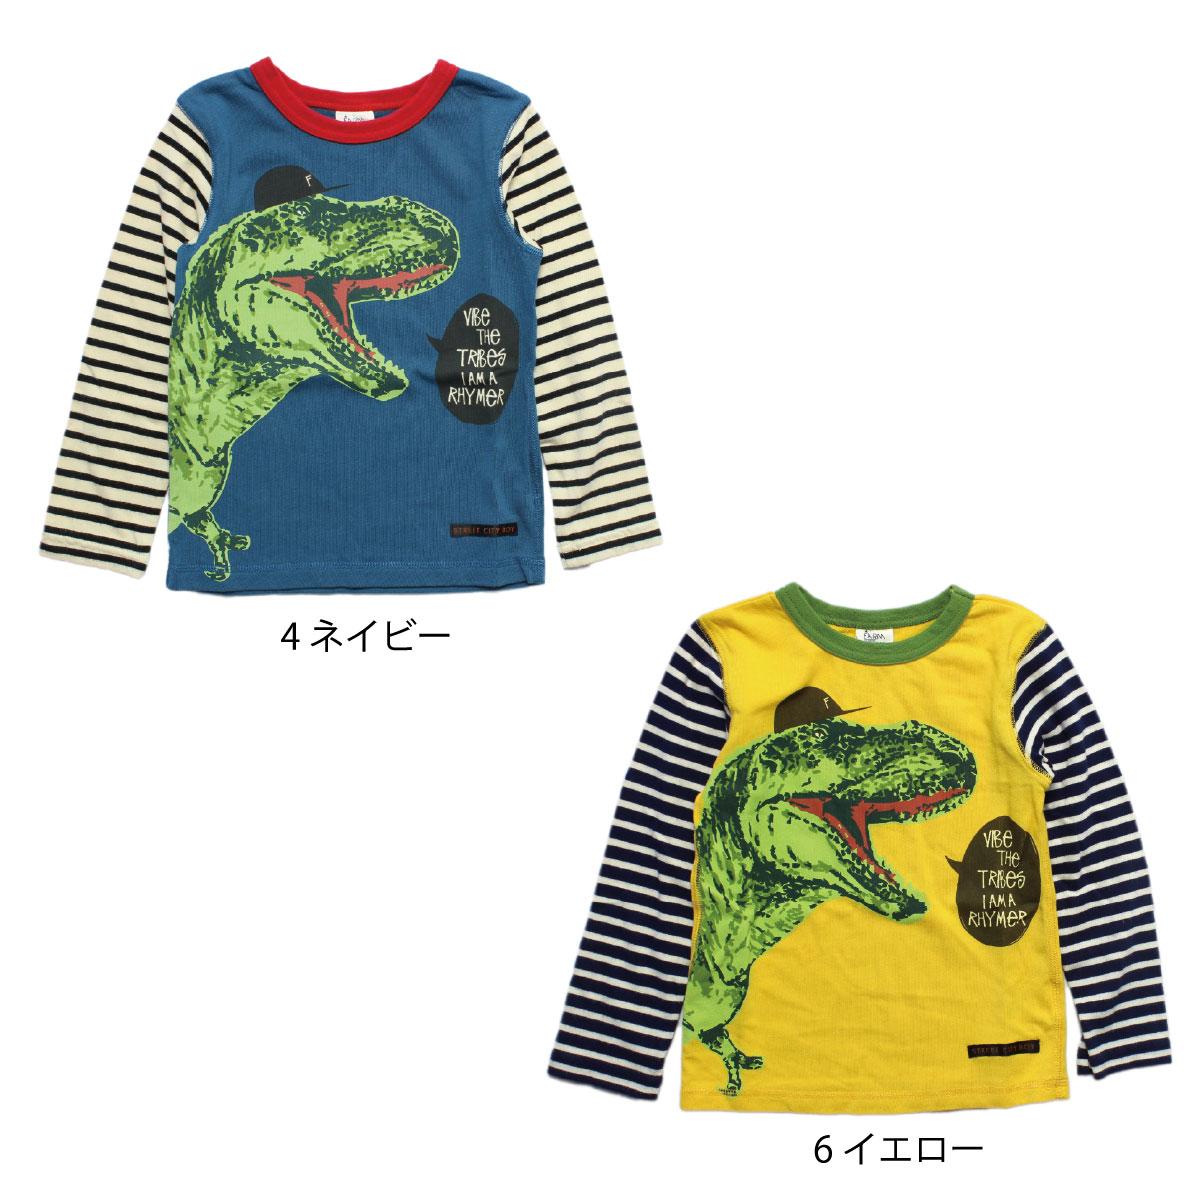 【セール】【50%off】【ネコポス対応】【SiShuNon/FARM】ストリート系恐竜Tシャツ ファーム キッズ 男の子 Tシャツ 恐竜